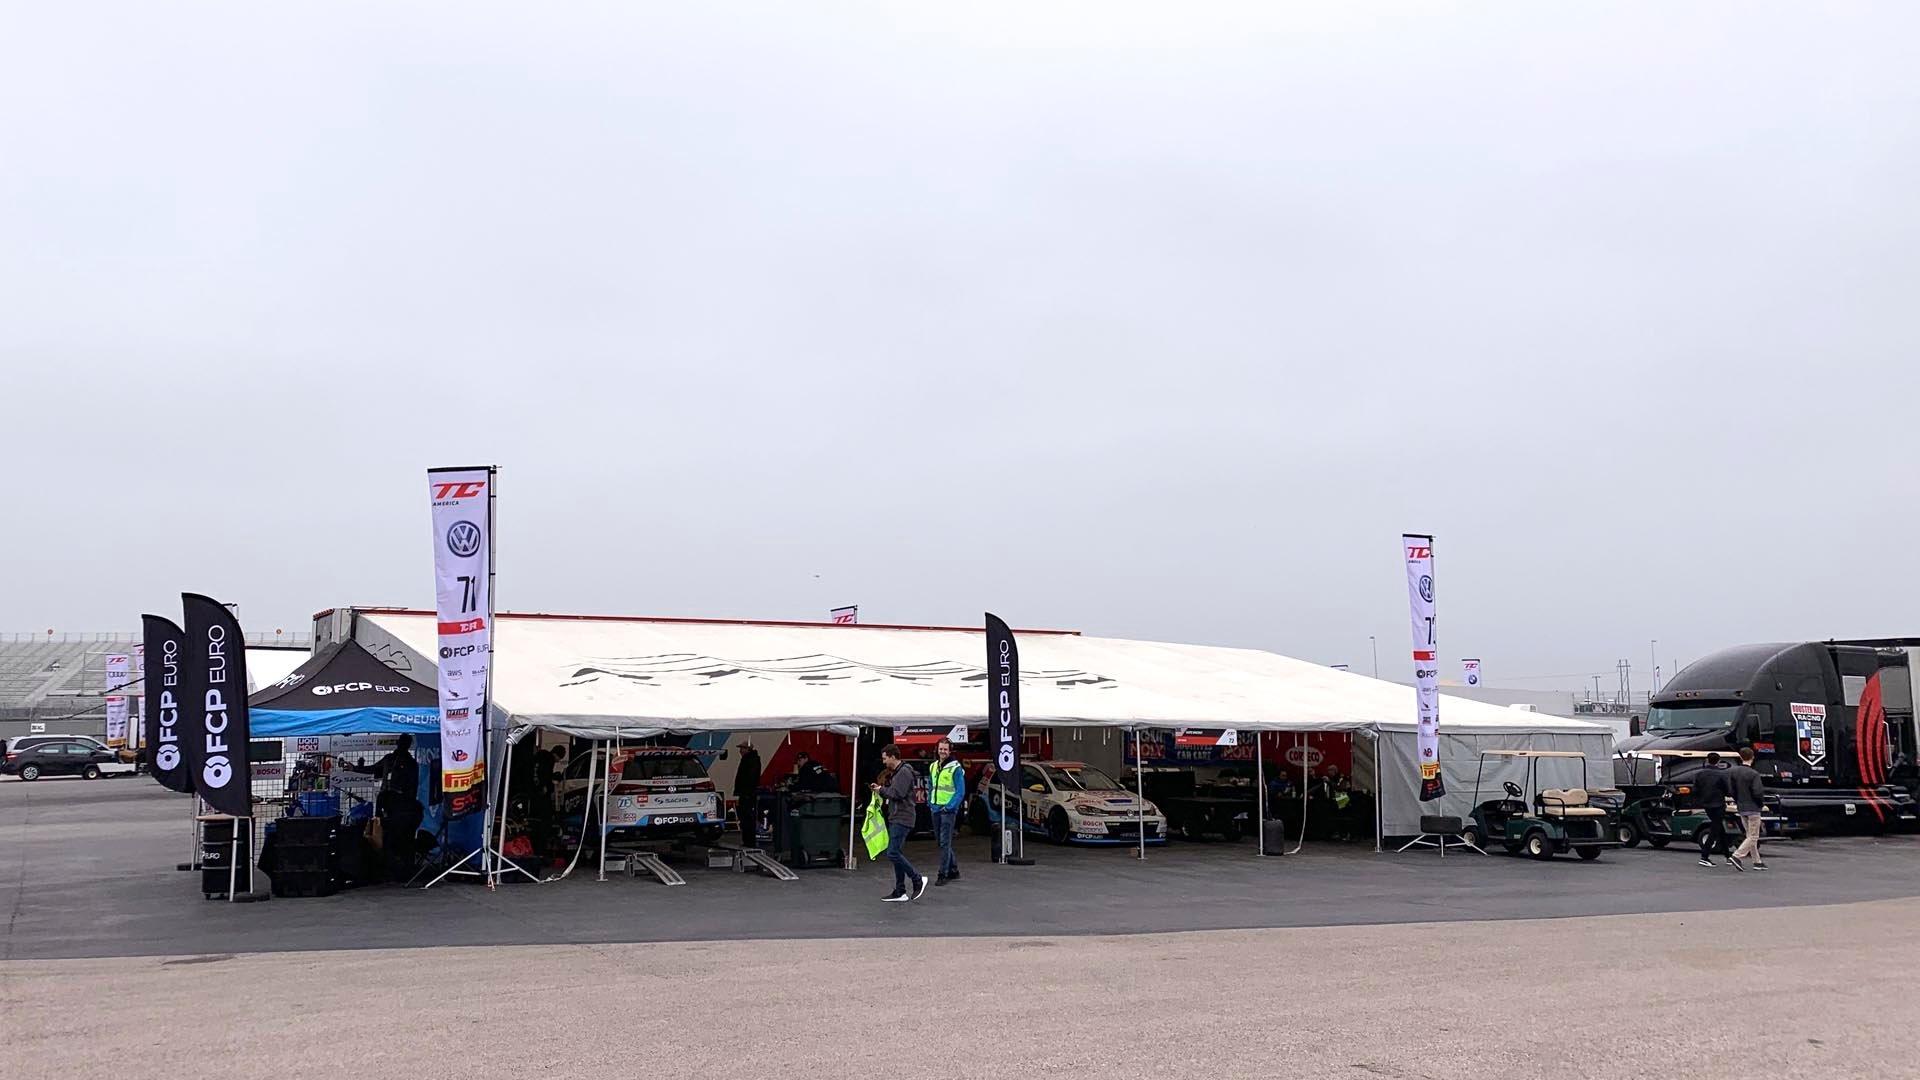 FCP Euro Show Setup